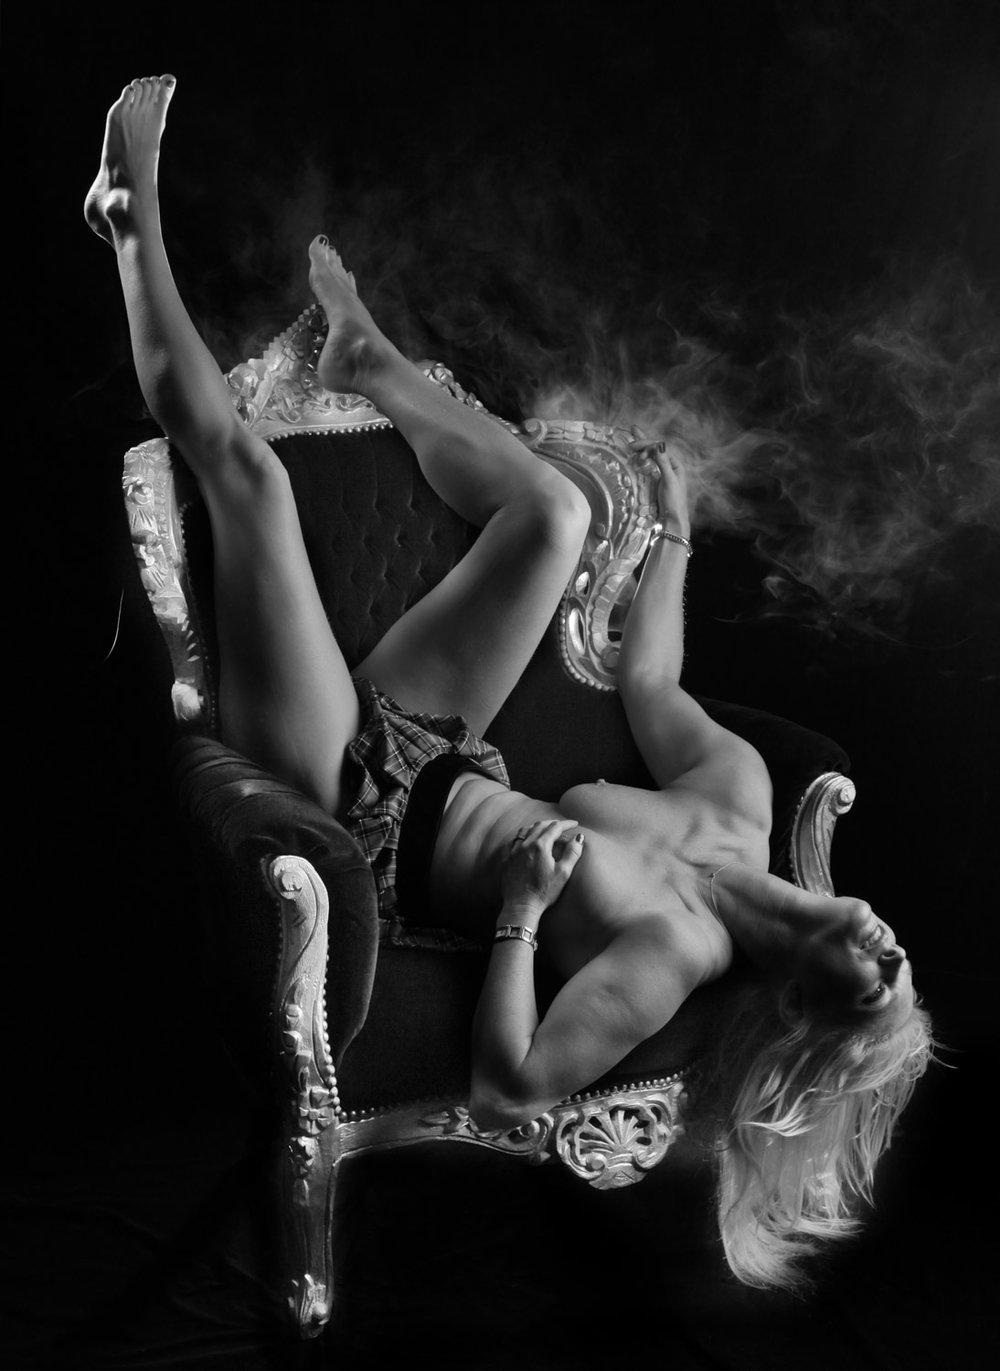 Smartfocus-naakt-en-erotische-studiofotoshoot.jpg